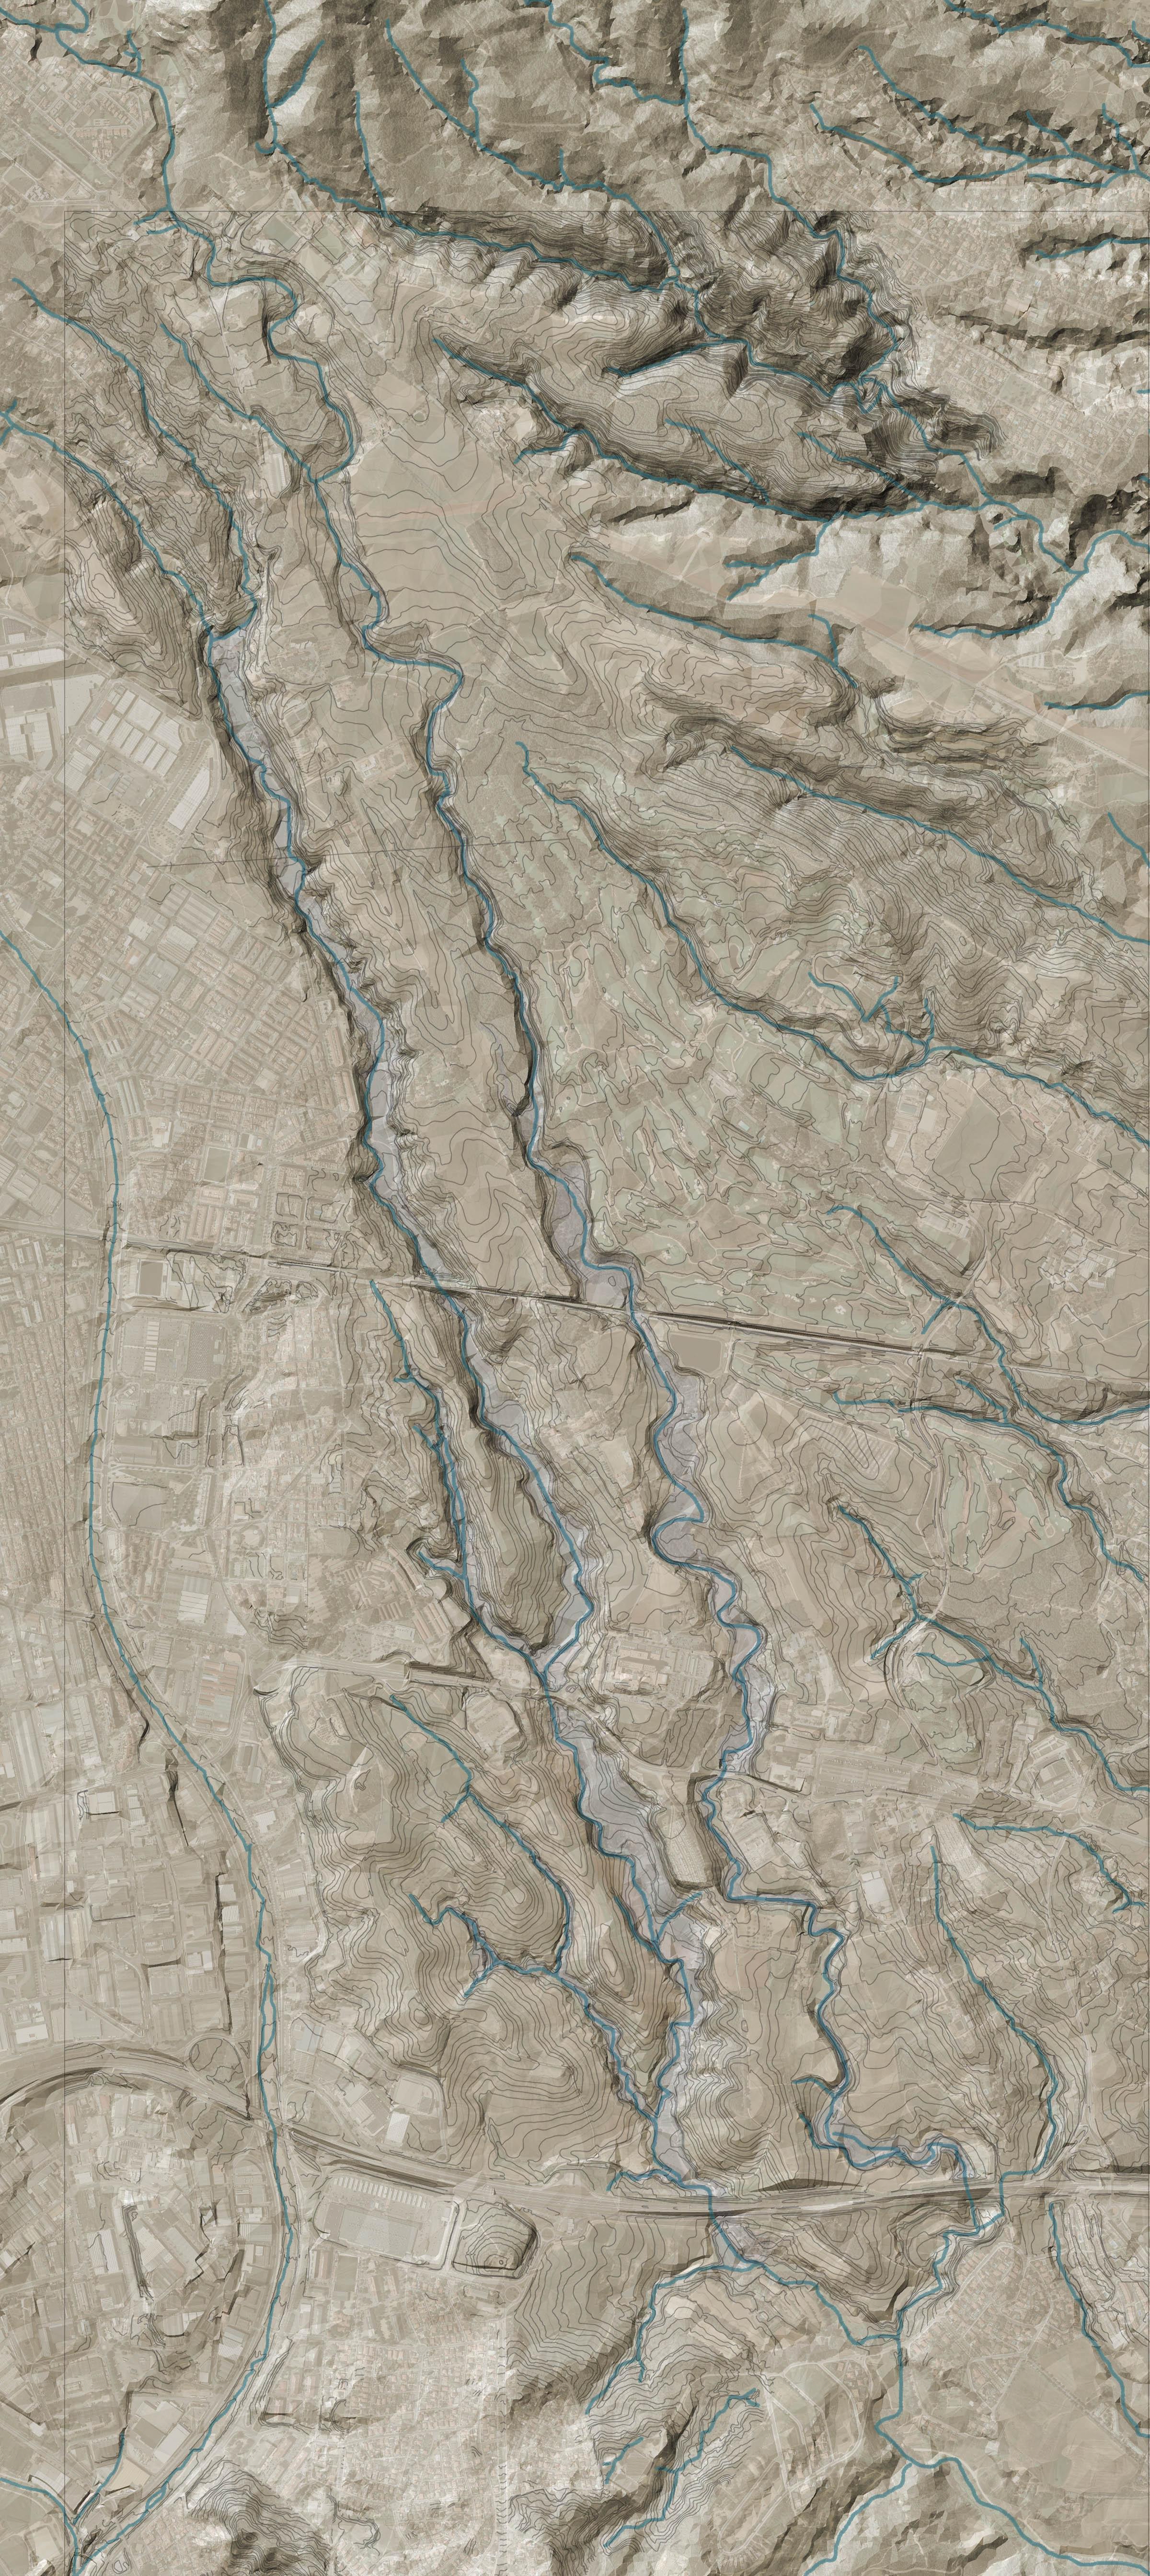 analisis topografico